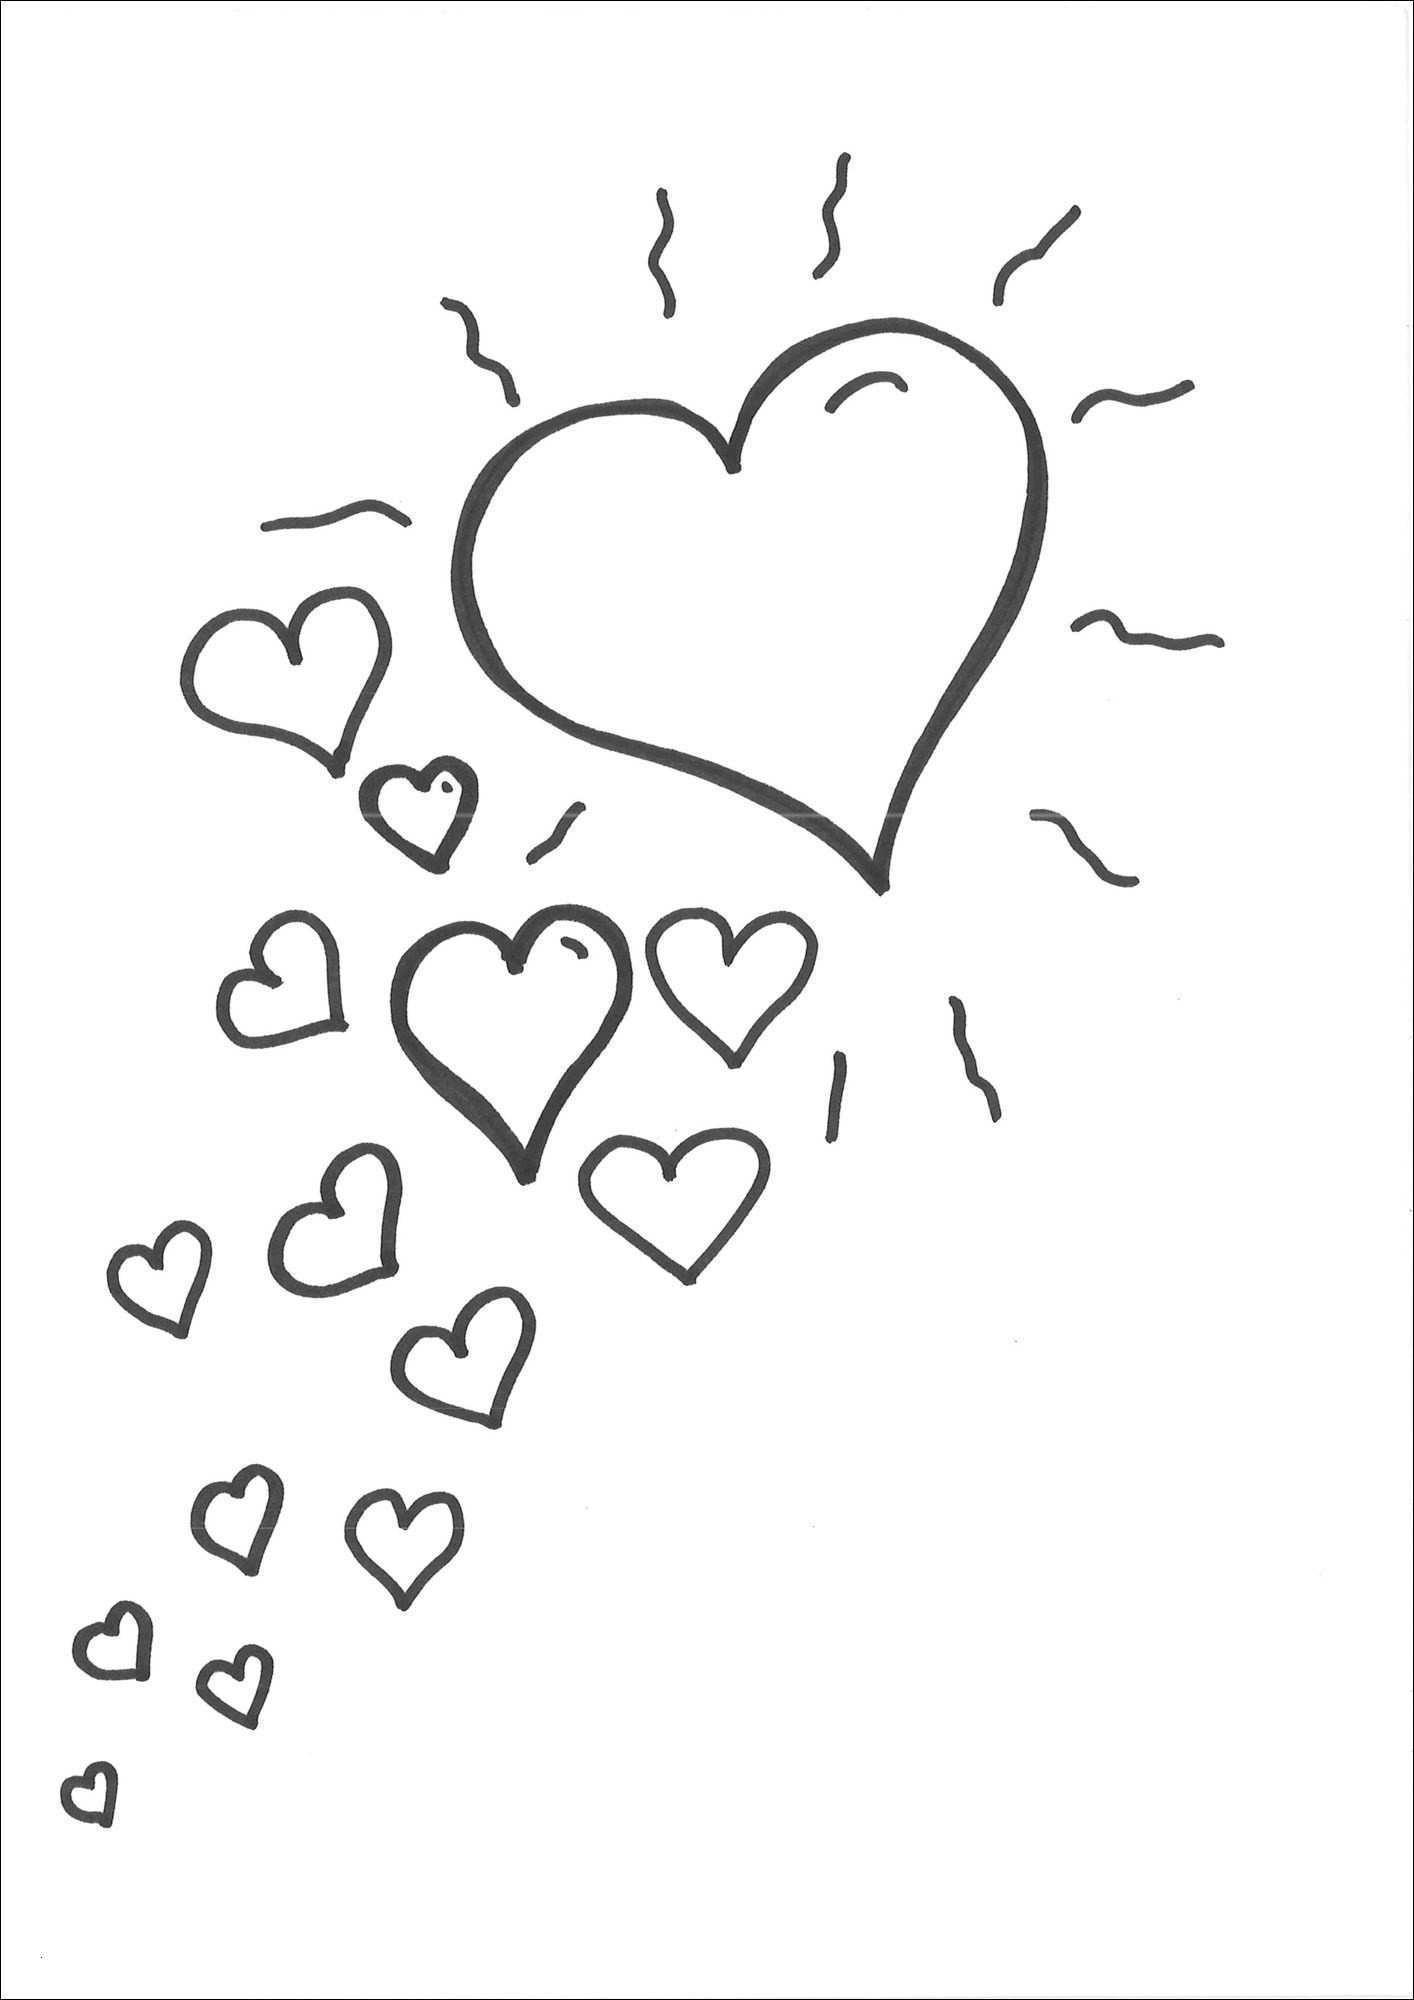 Herz Mandalas Zum Ausmalen Genial Malvorlagen Herzen Kostenlos Ausdrucken Aufnahme Mandala Herz Fotos